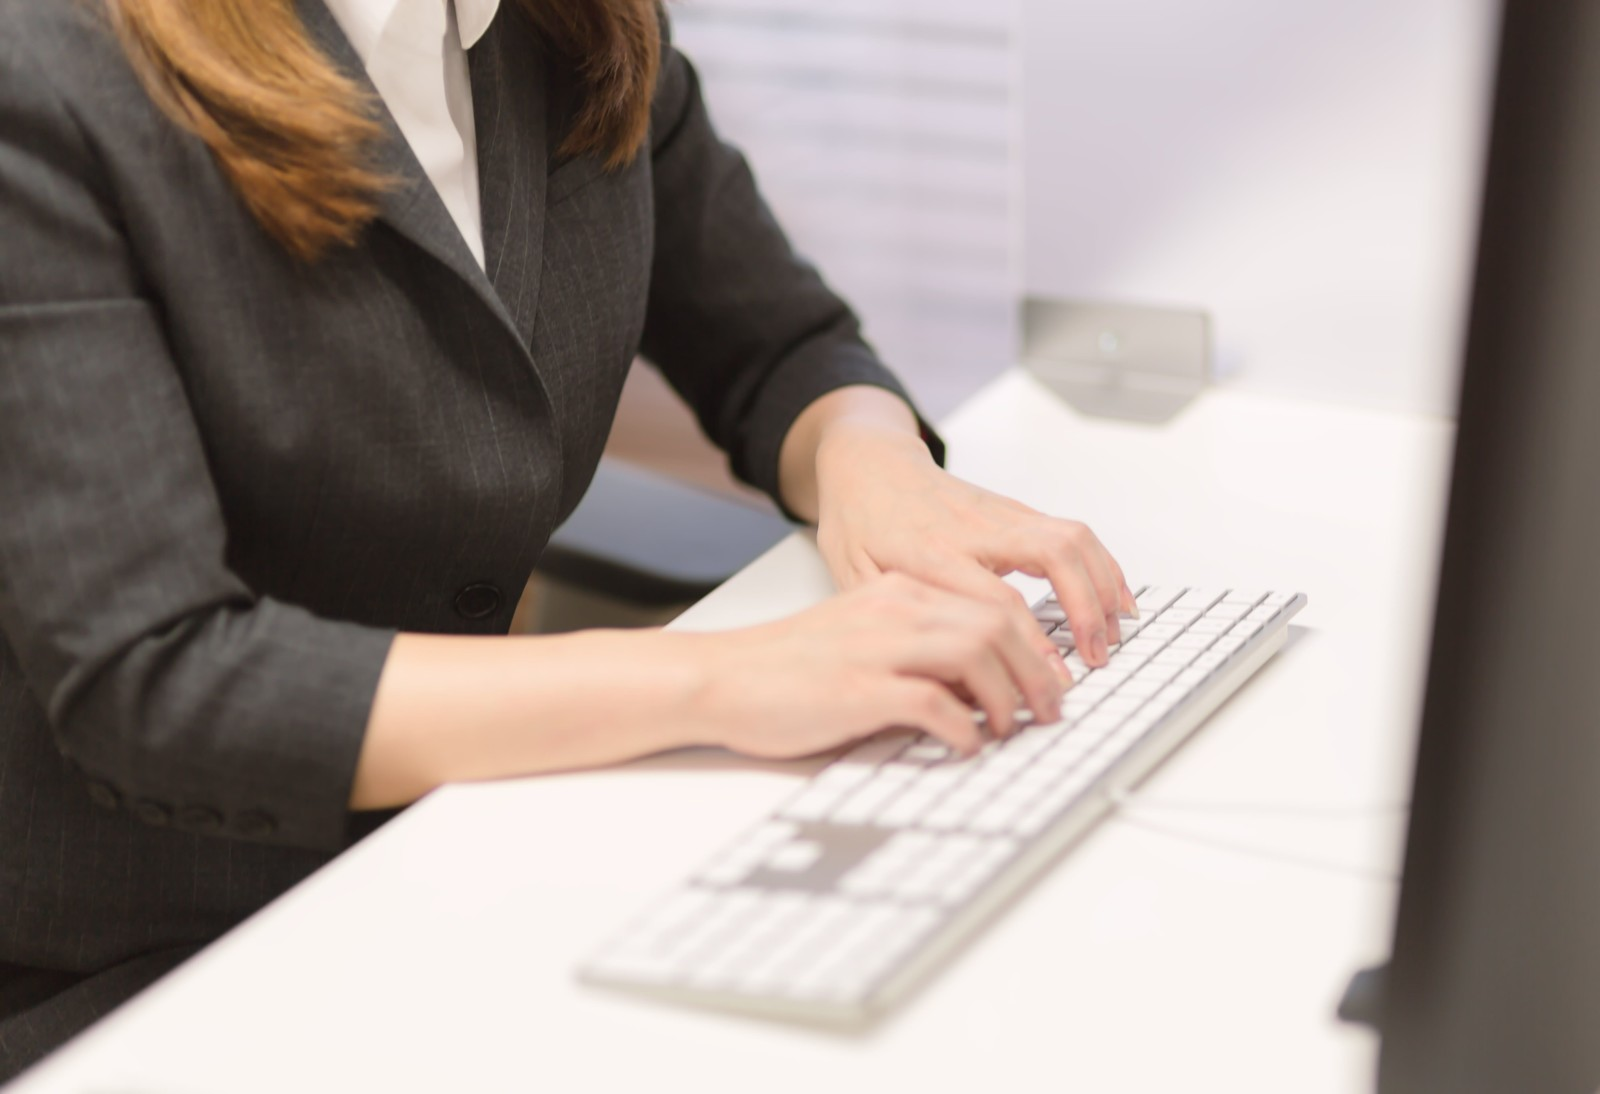 正社員になりたくないから派遣社員、契約社員で働くリスク。いずれ後悔する可能性も多い